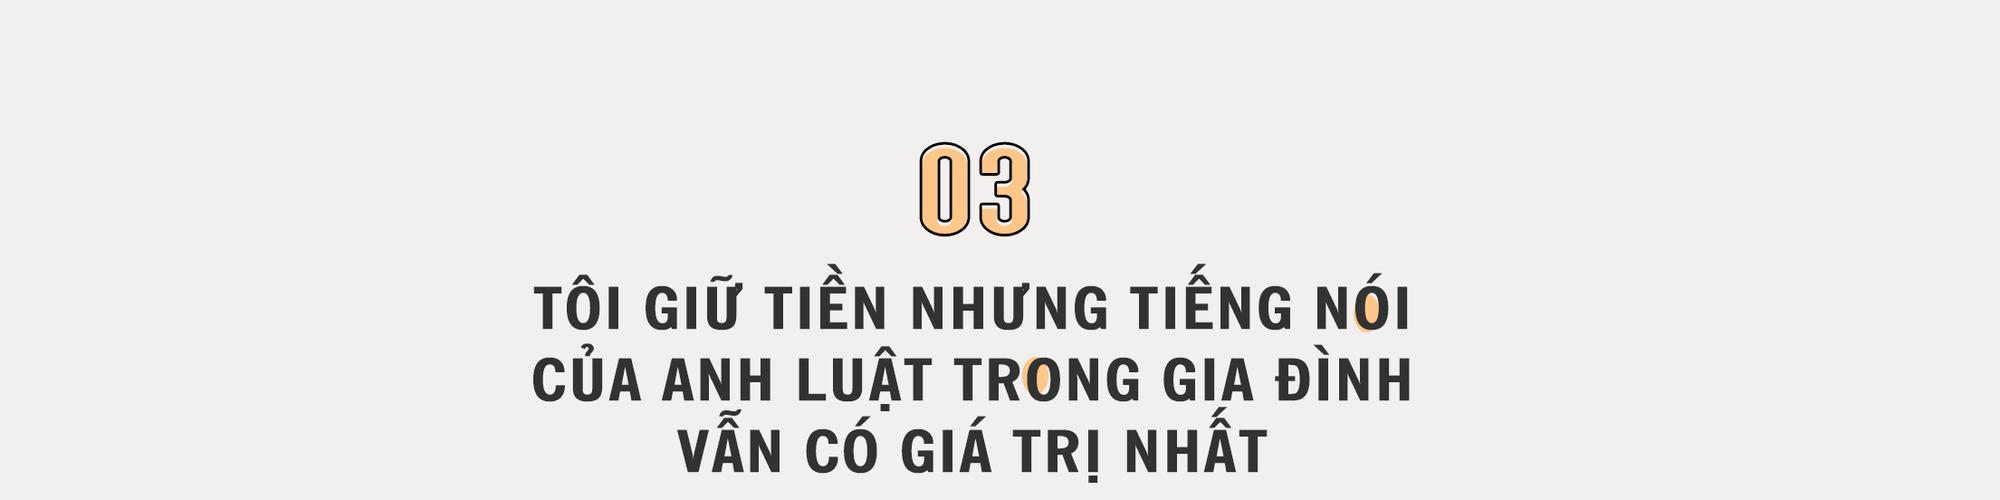 Diễn viên Thu Trang: 'Tiến Luật tự tin giữ được vợ vì giỏi chiều người khó tính như tôi' - Ảnh 6.